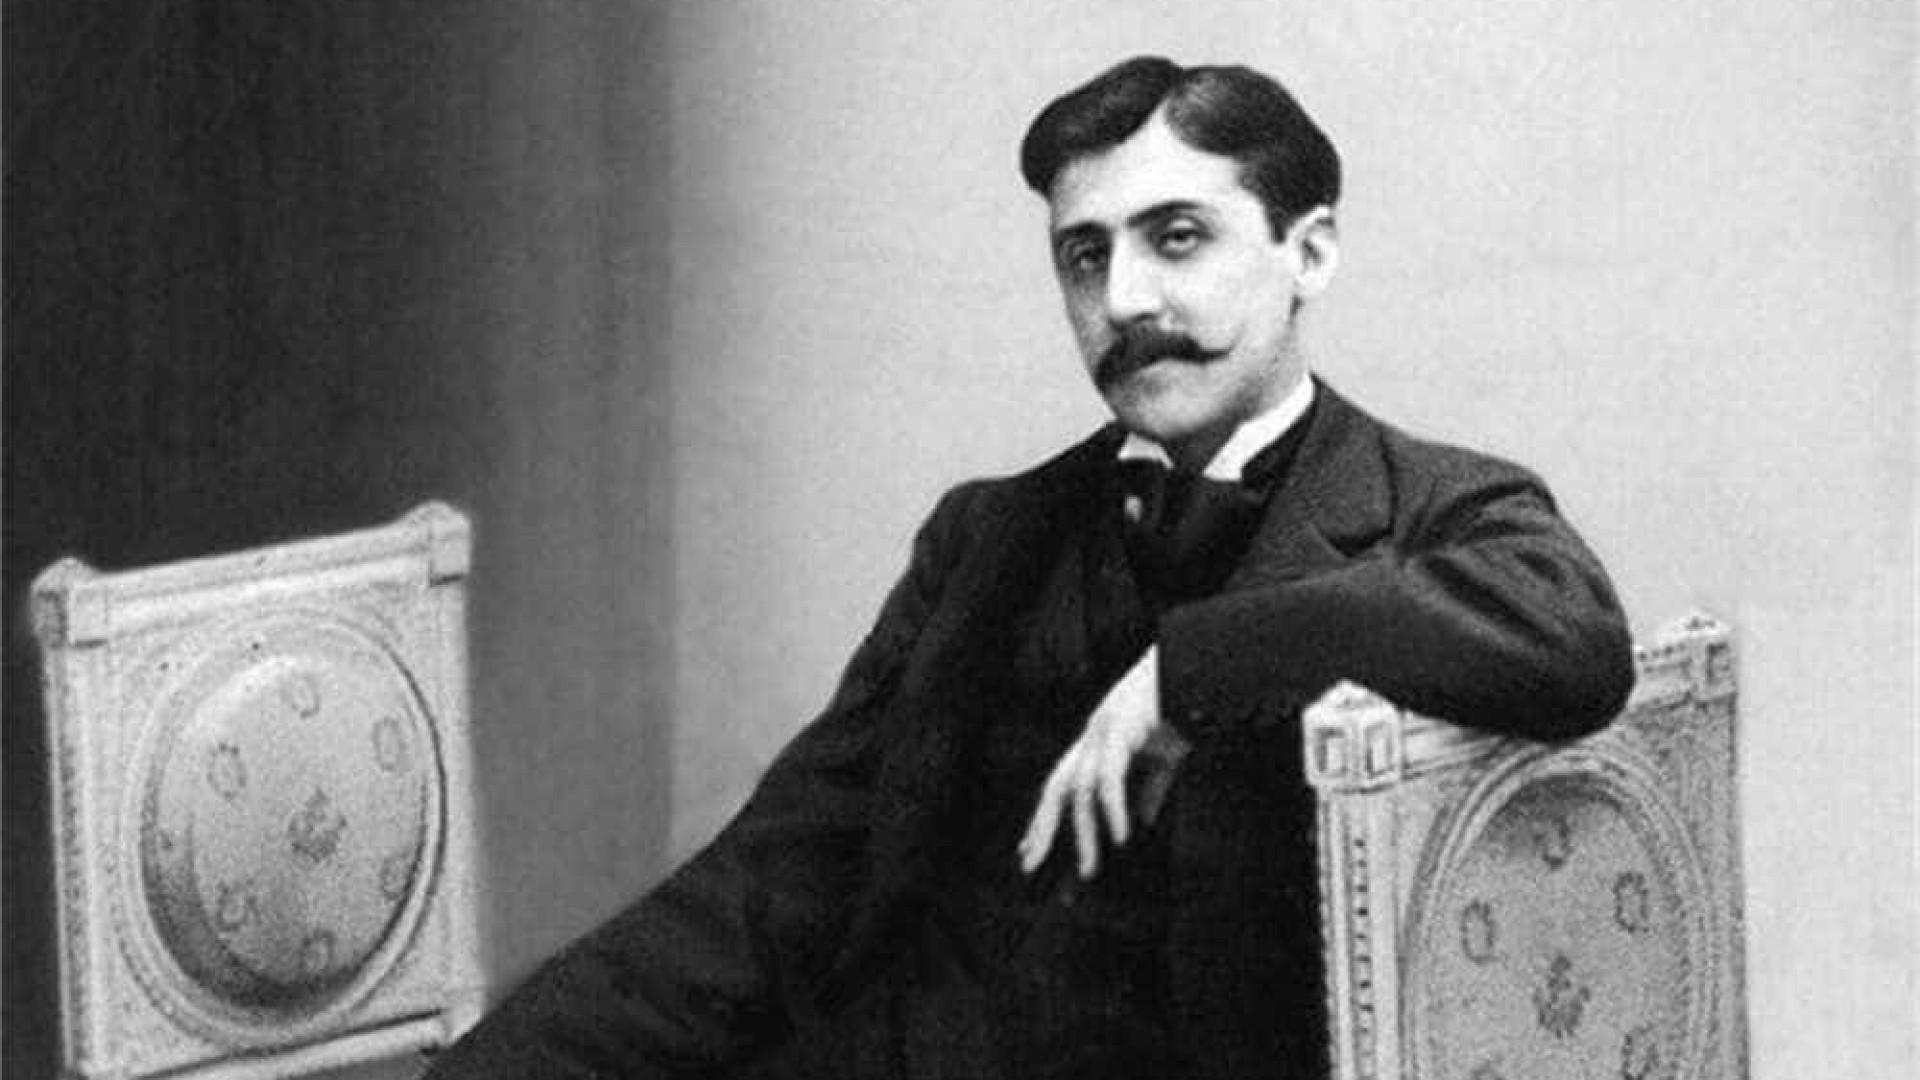 Carta de Proust sobre sexo barulhento de vizinhos vai a leilão